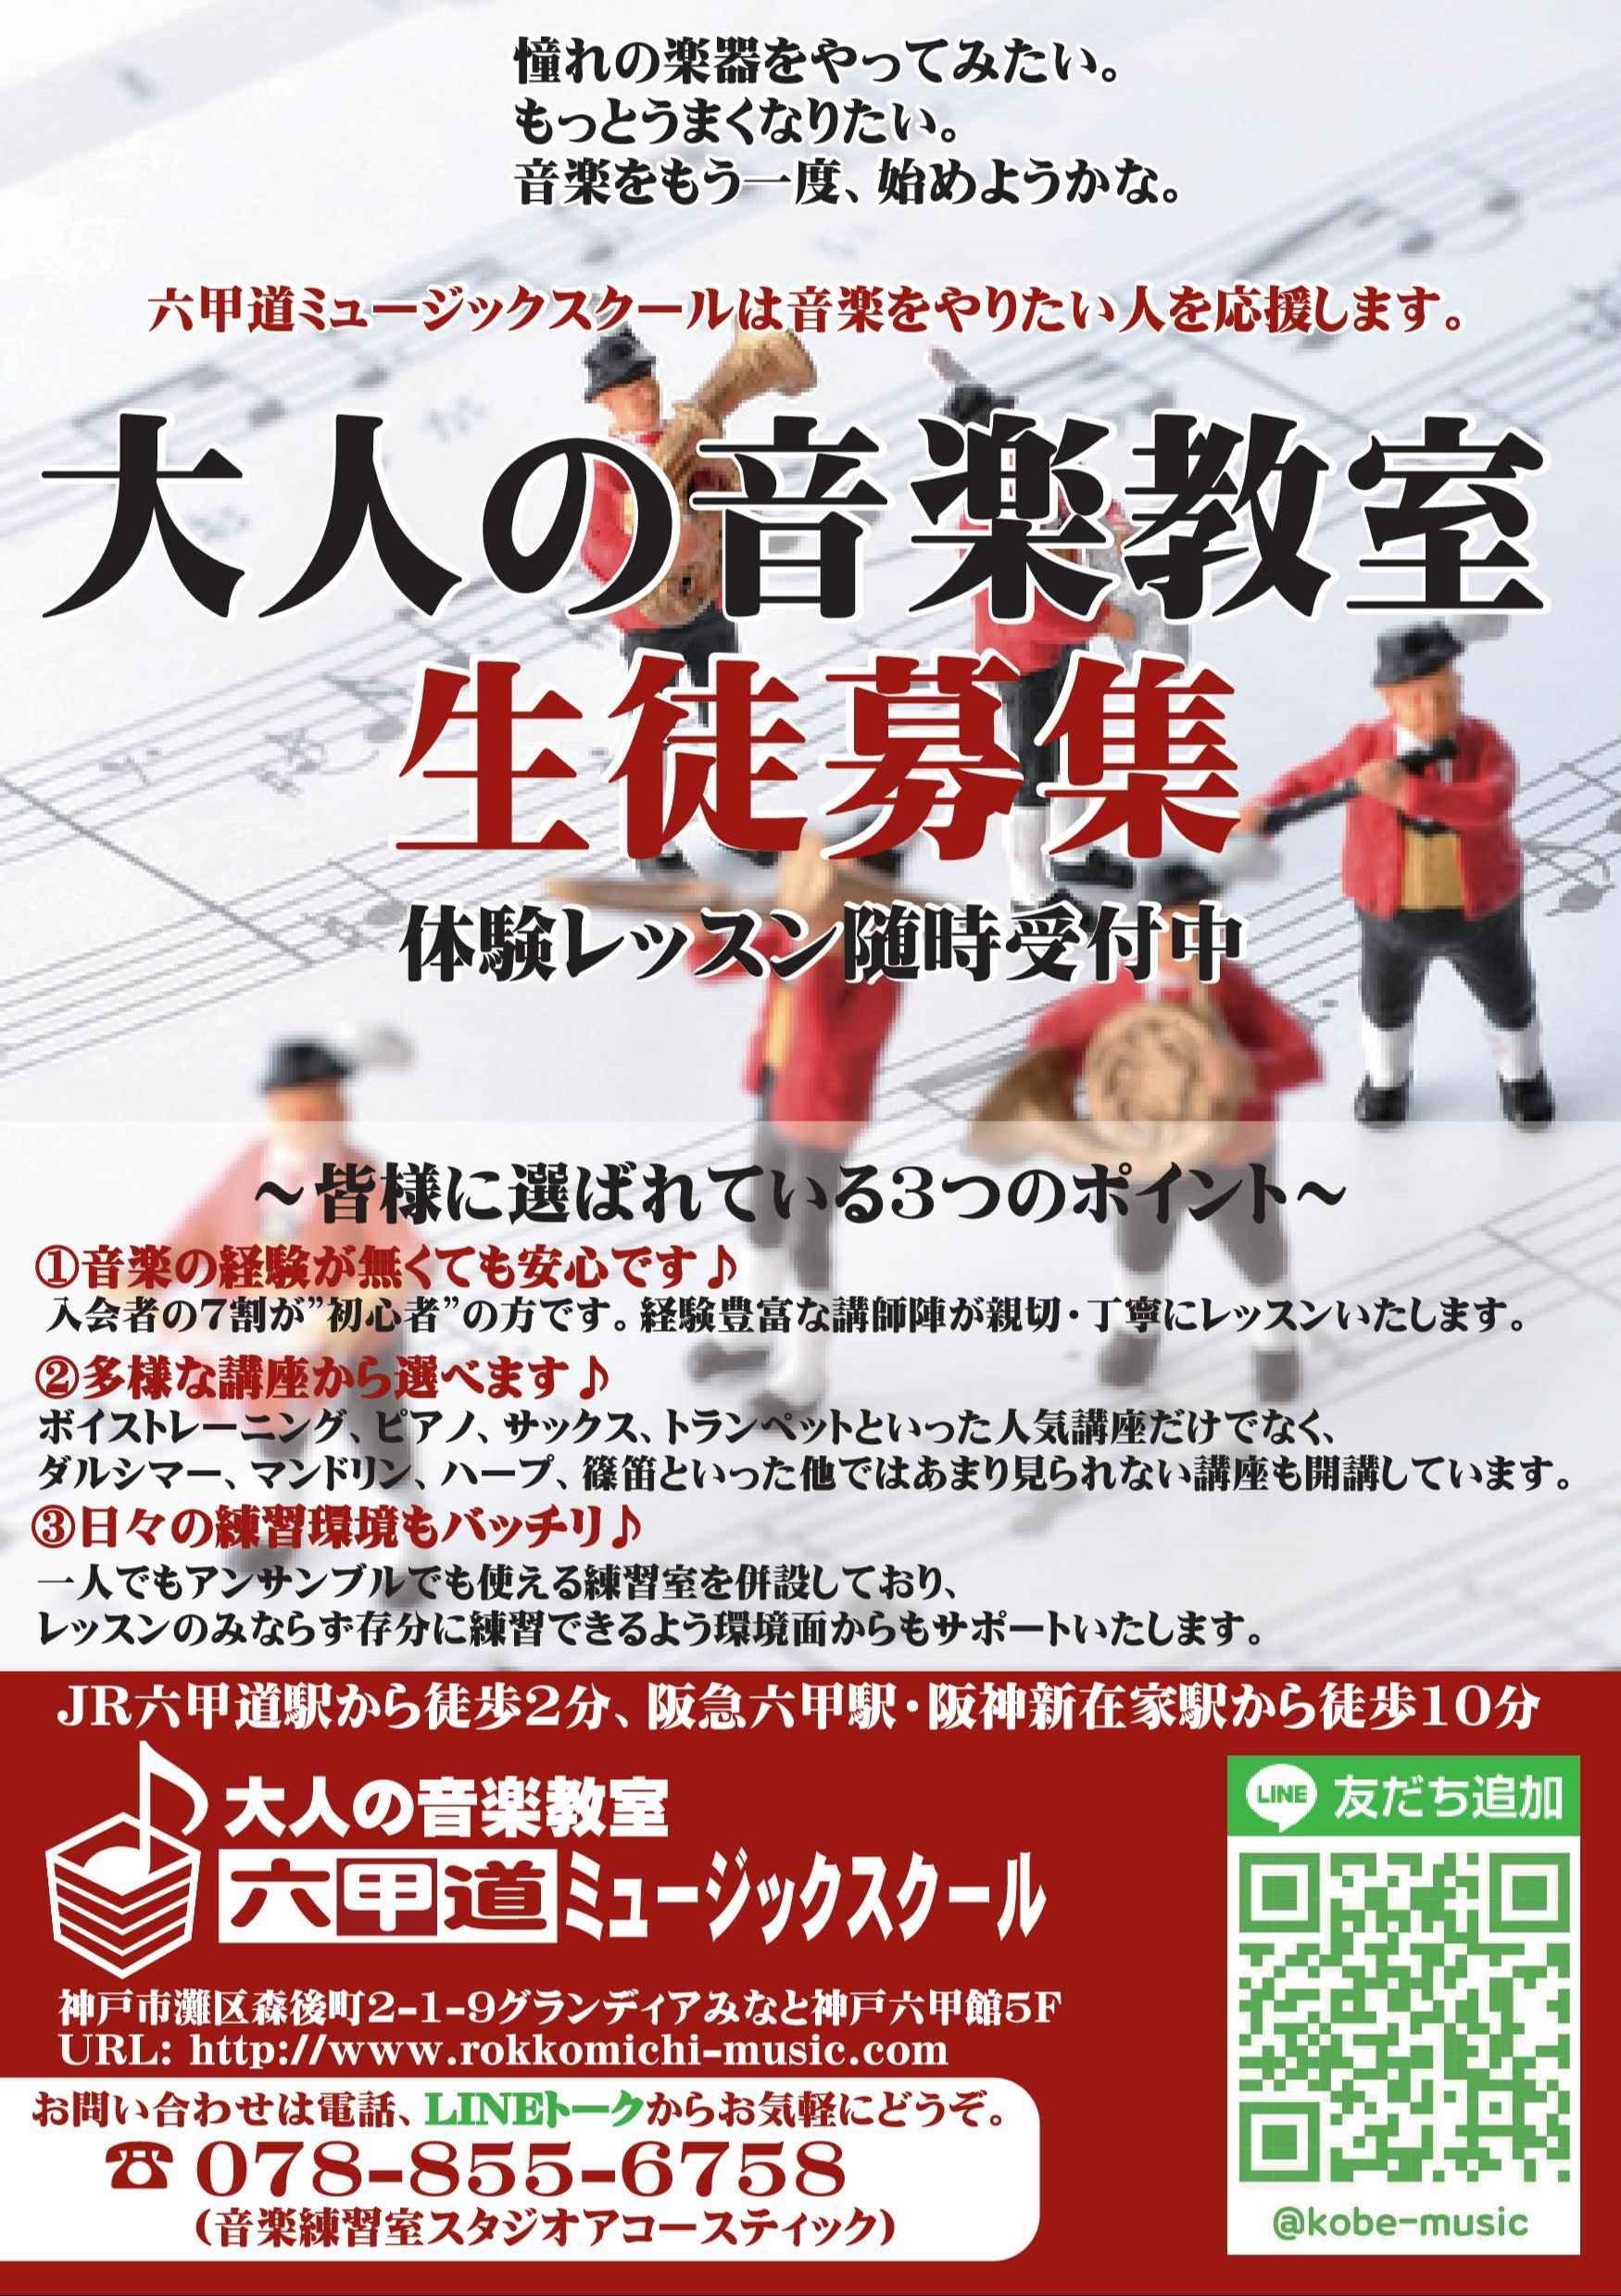 大人の音楽教室 六甲道ミュージックスクール